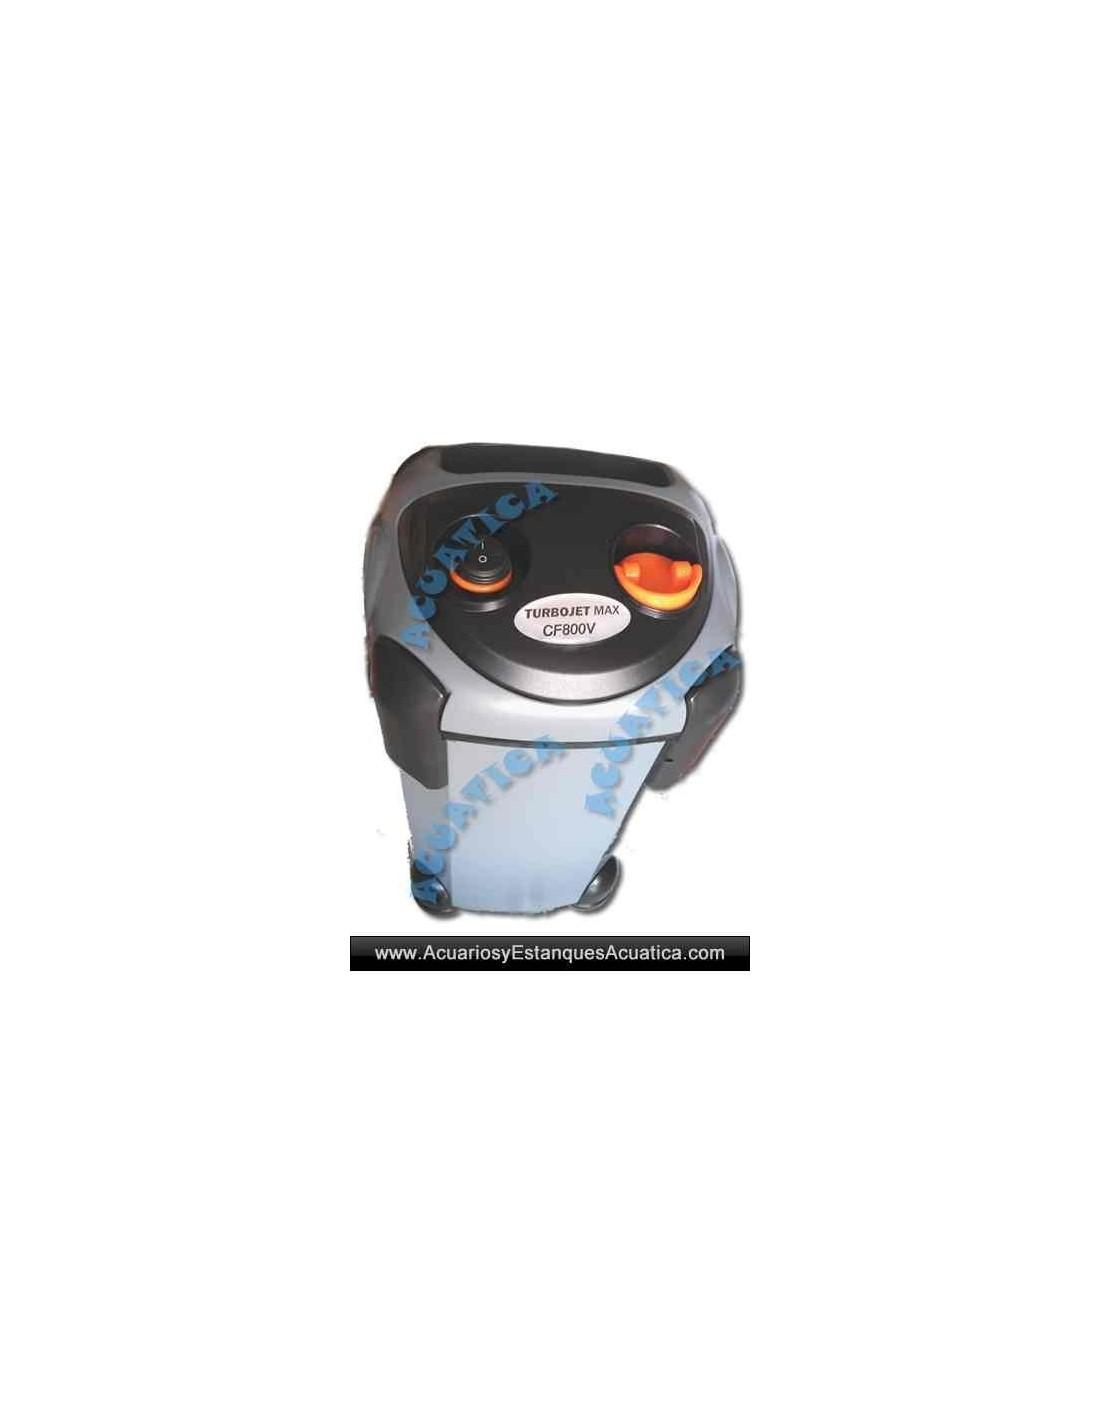 Filtro externo turbojet max acuarios acuarios y for Filtro externo para estanque